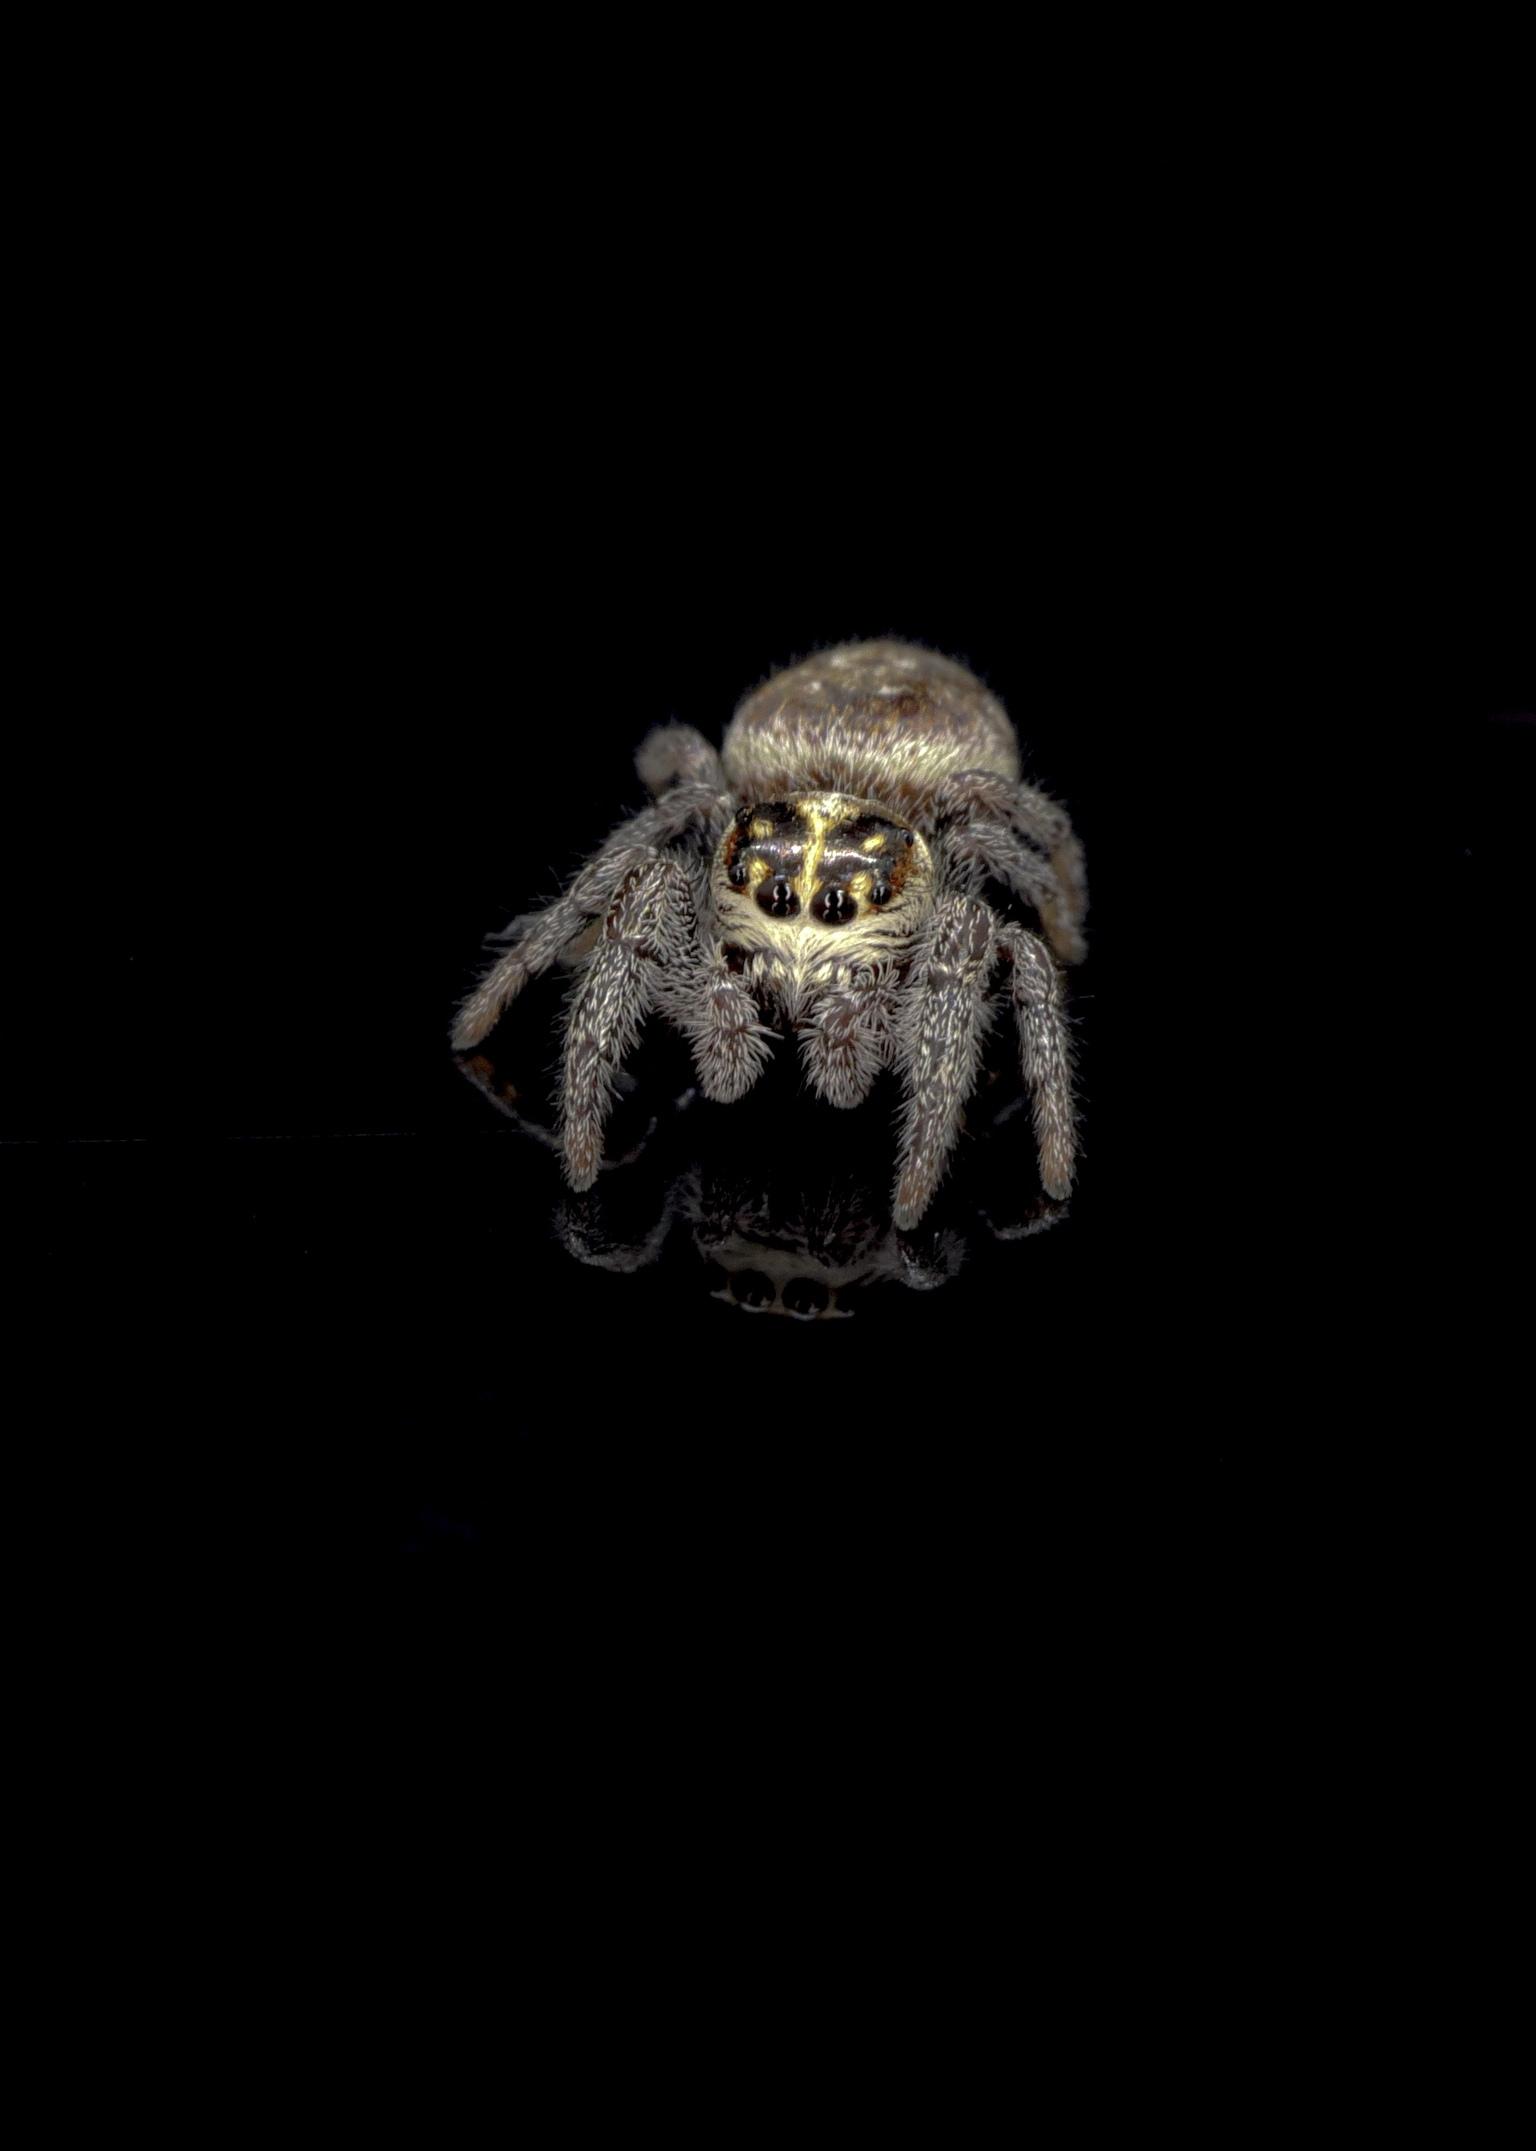 Along came a spider - Oefenen met de macro lens - foto door Ber1978 op 14-04-2021 - deze foto bevat: canon, canoneosm50, spider, macro, canonefm28mm, bek, grijs, uil, primaat, terrestrische dieren, kunst, snuit, roofvogel, vleugel, staart